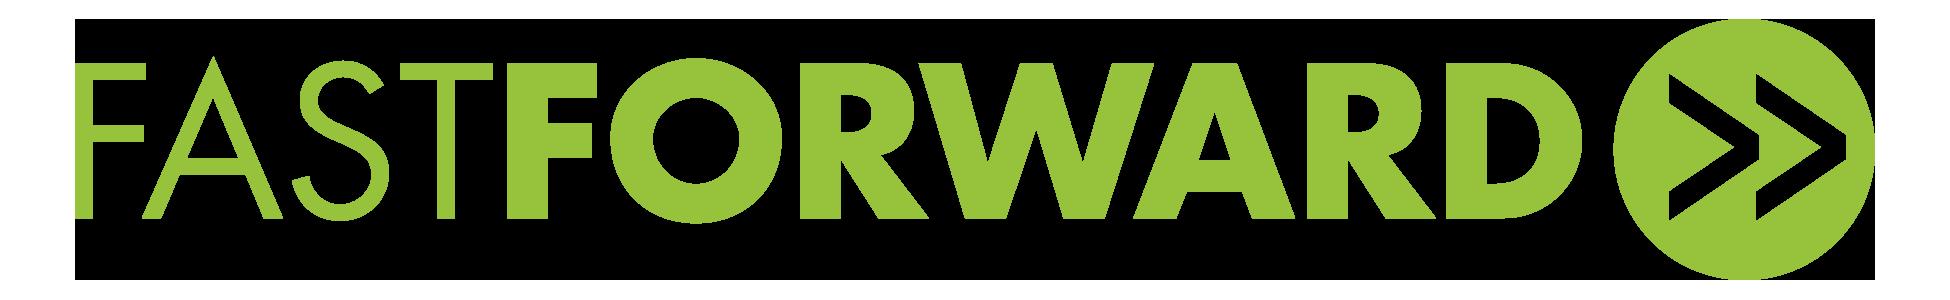 FastForward_logo.png